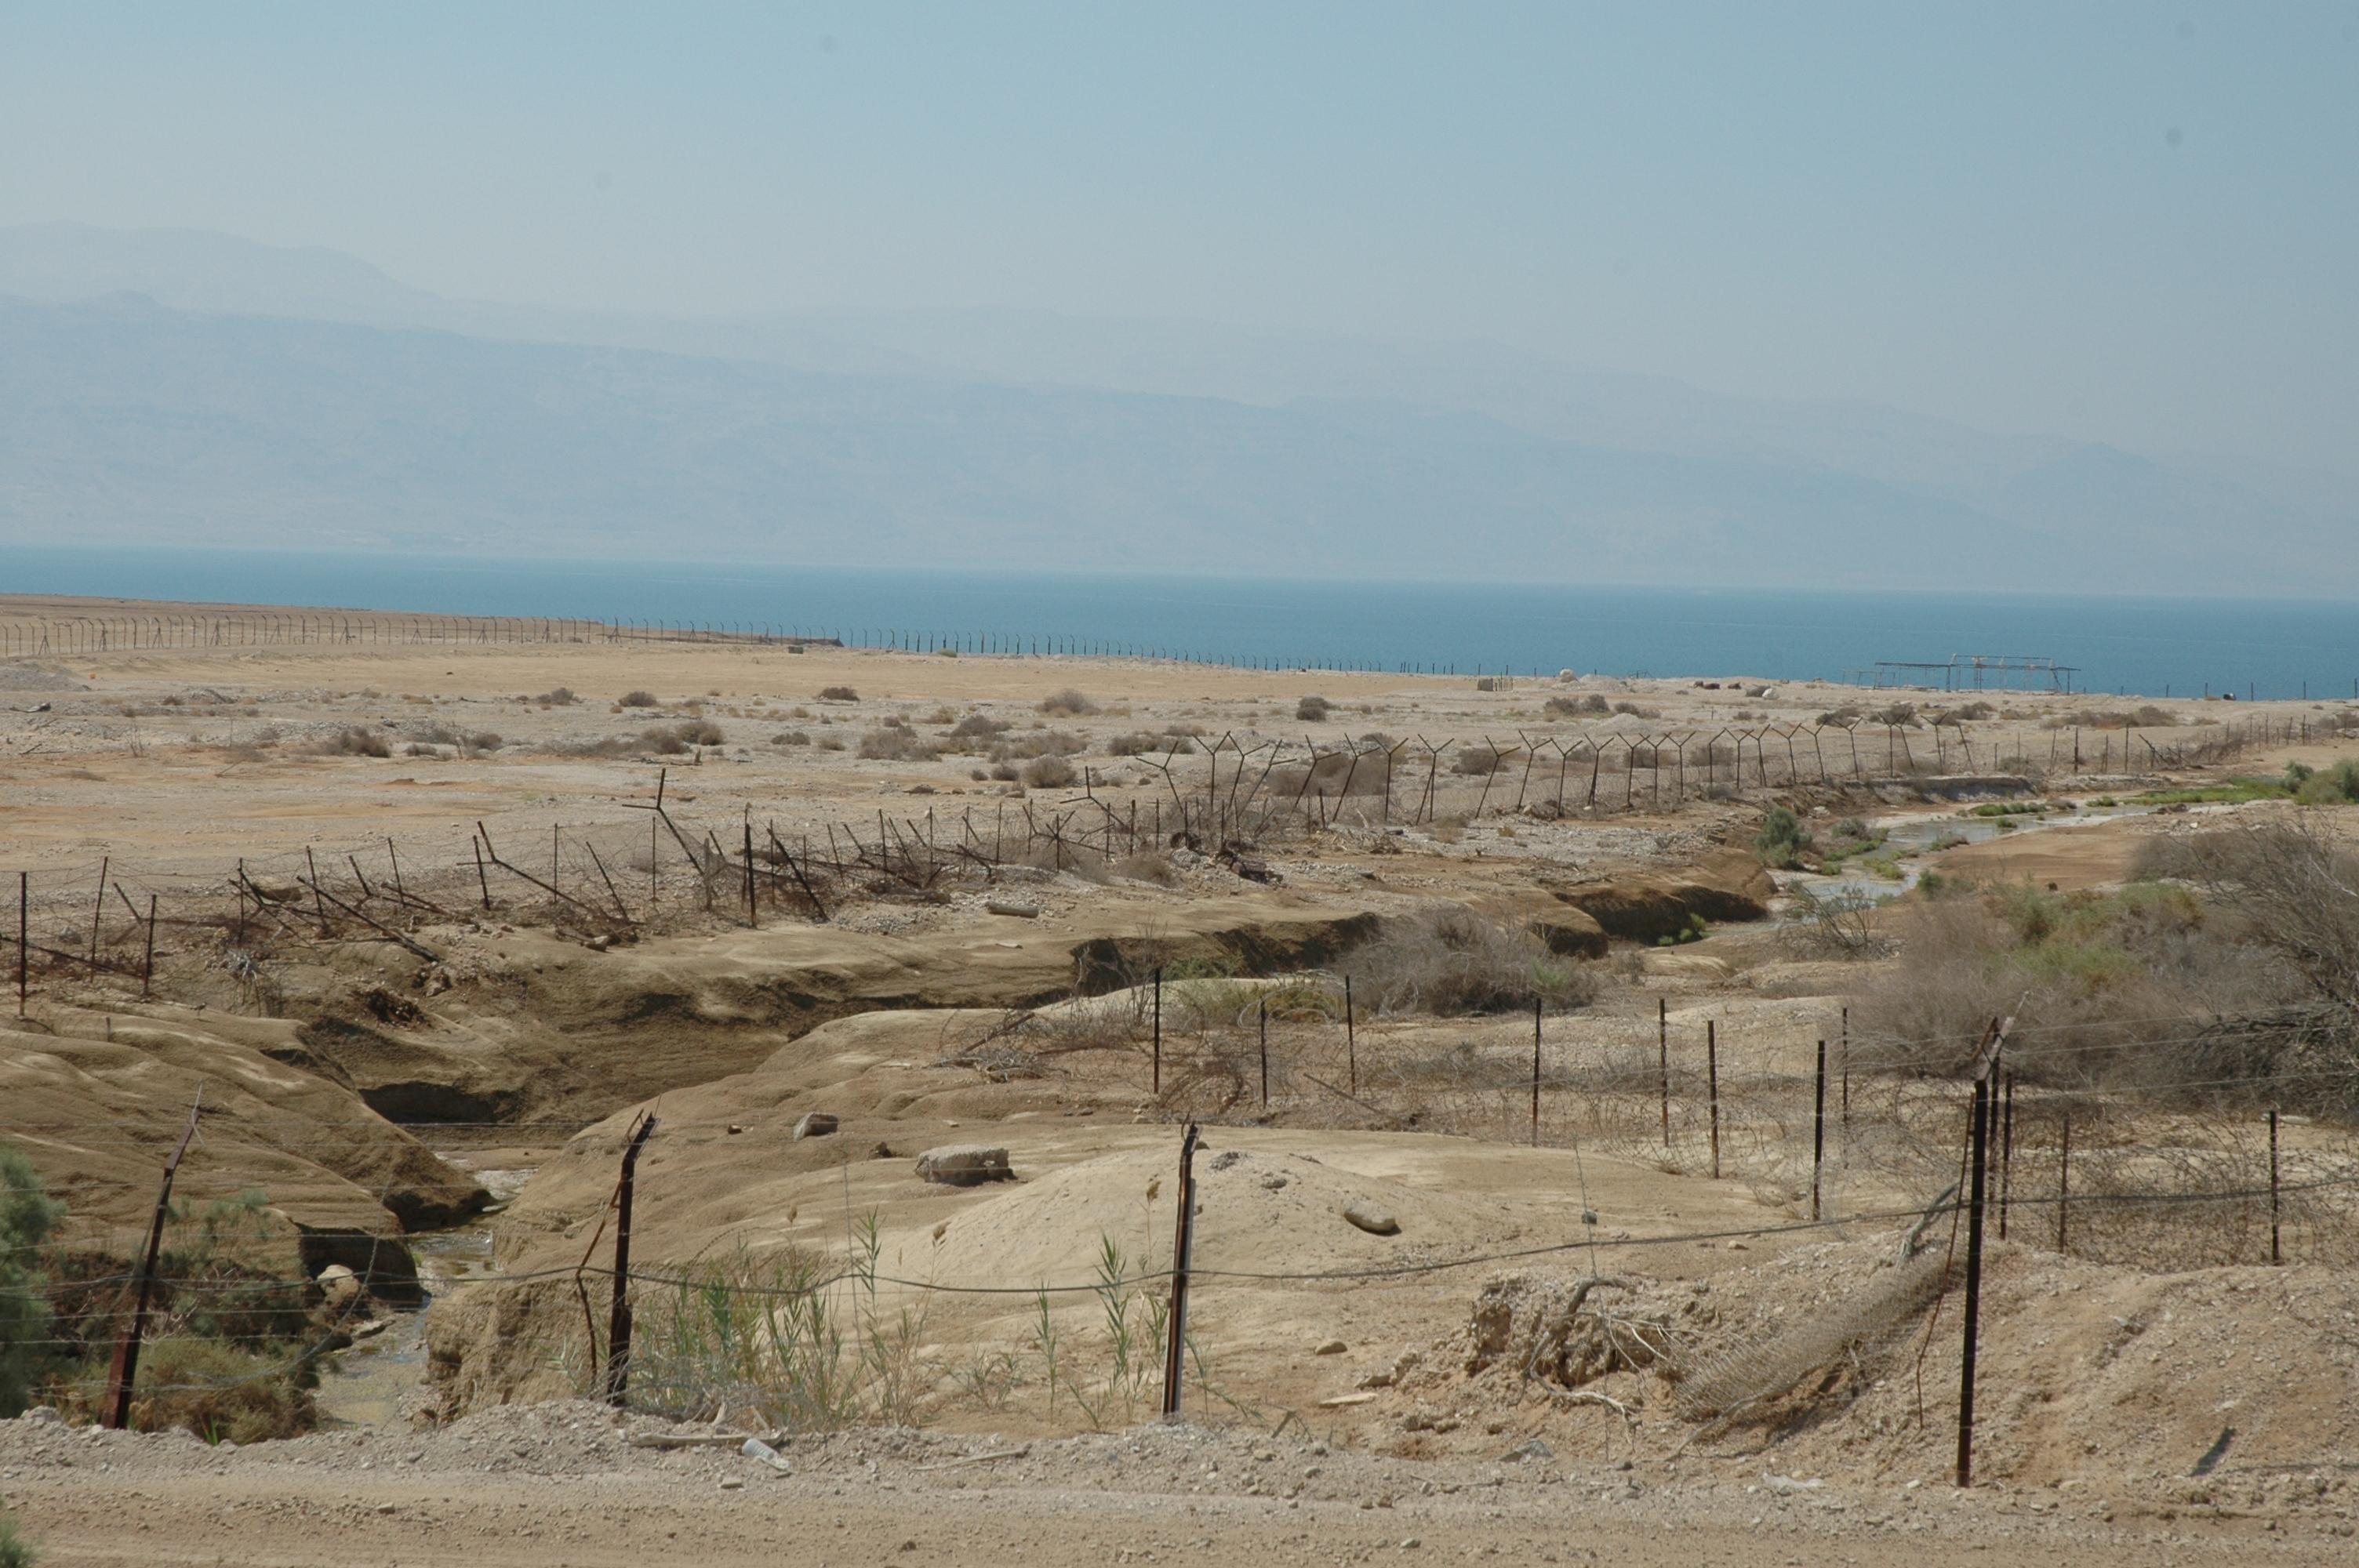 Jordan River flowing into Dead Sea